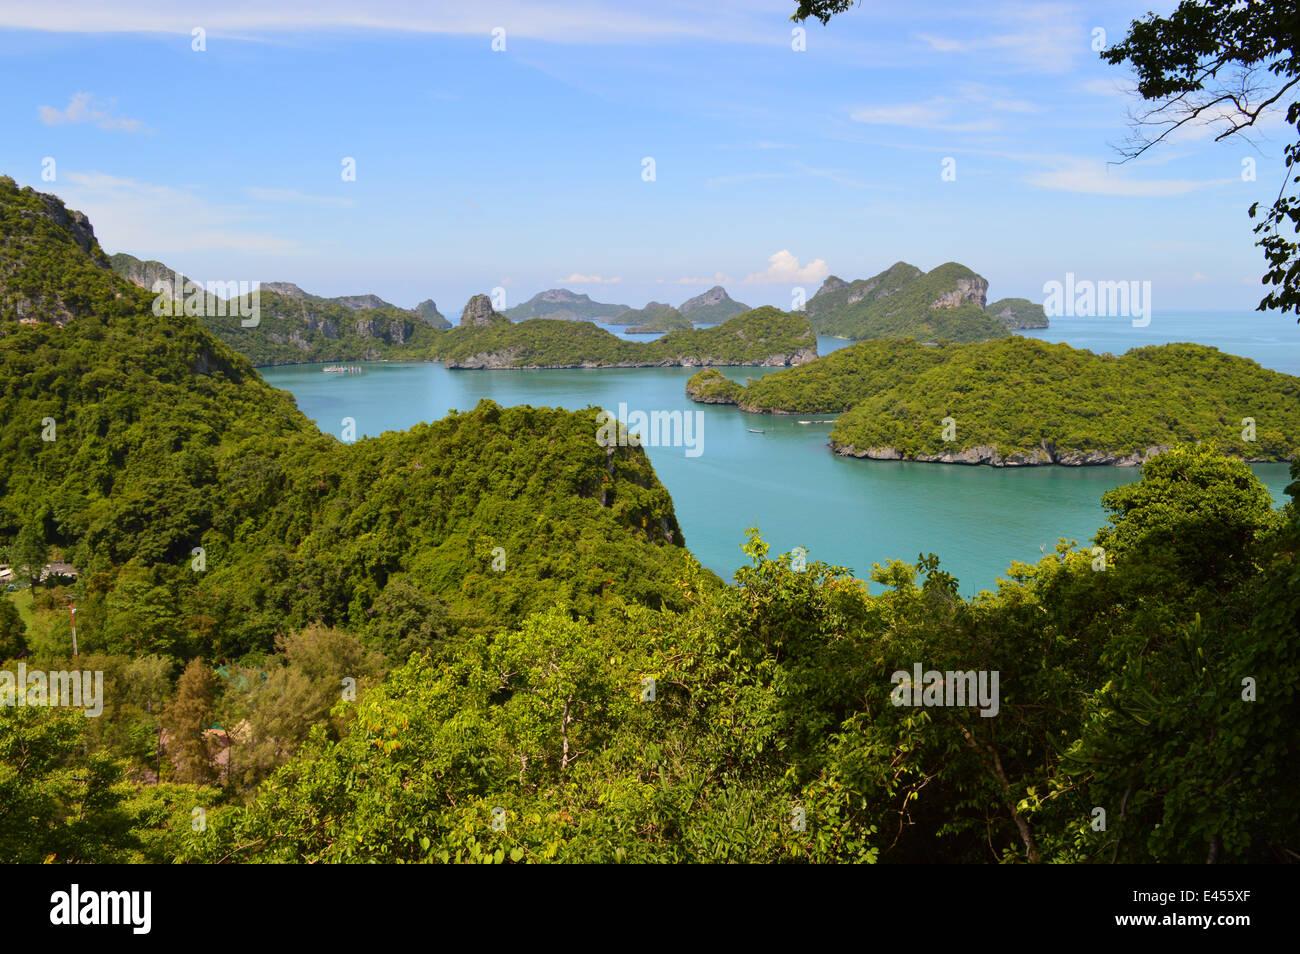 Ang Thong National Park, Thailand - Stock Image